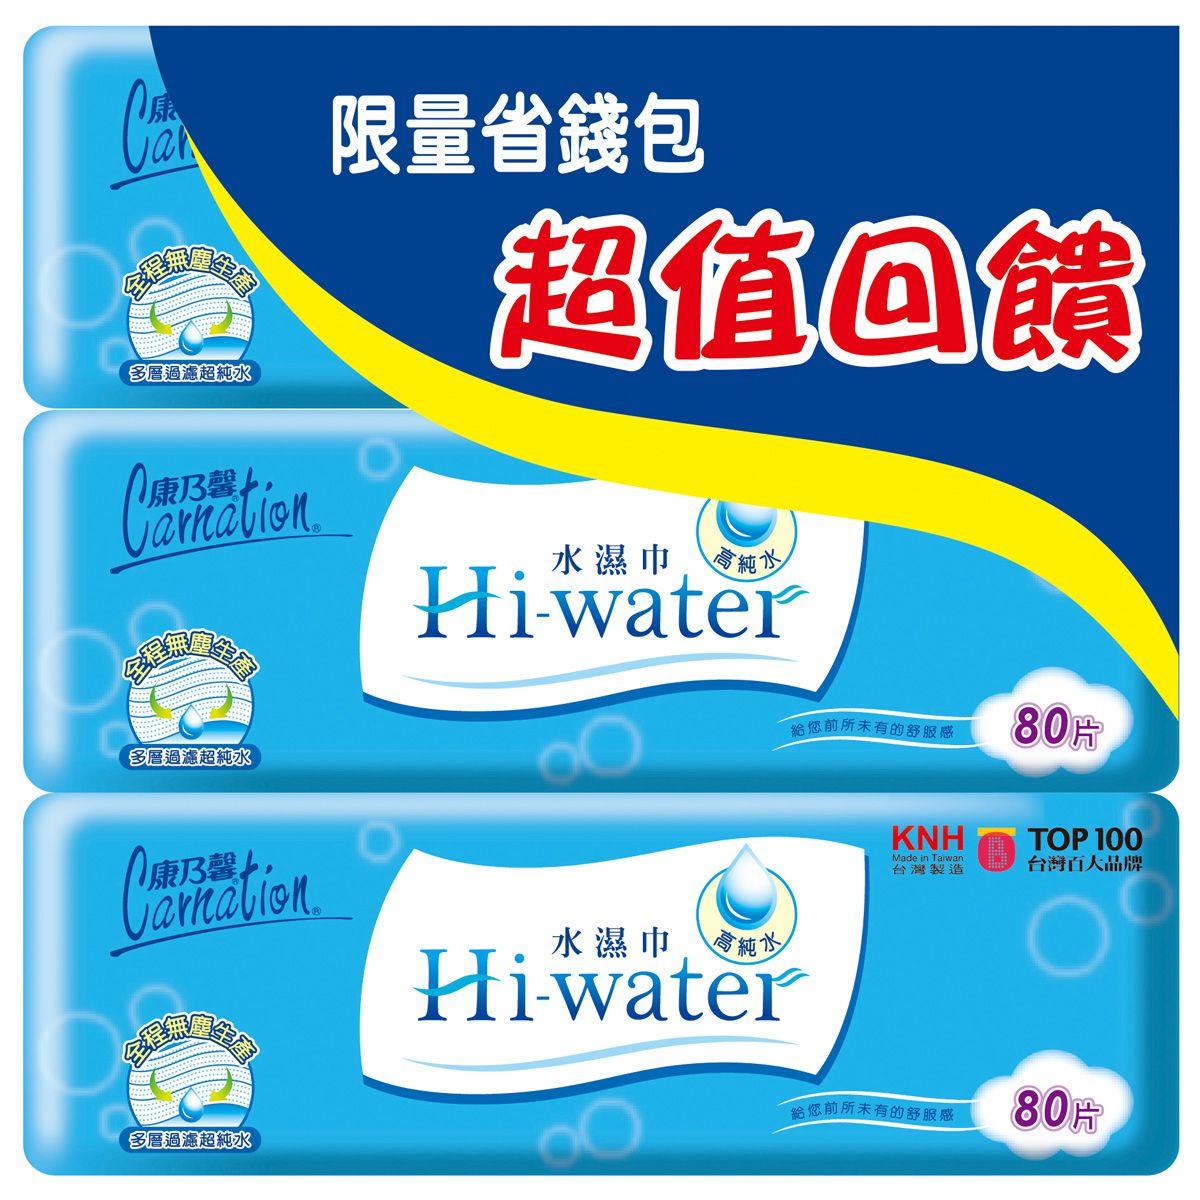 康乃韾Hi-water水濕巾80片3入組